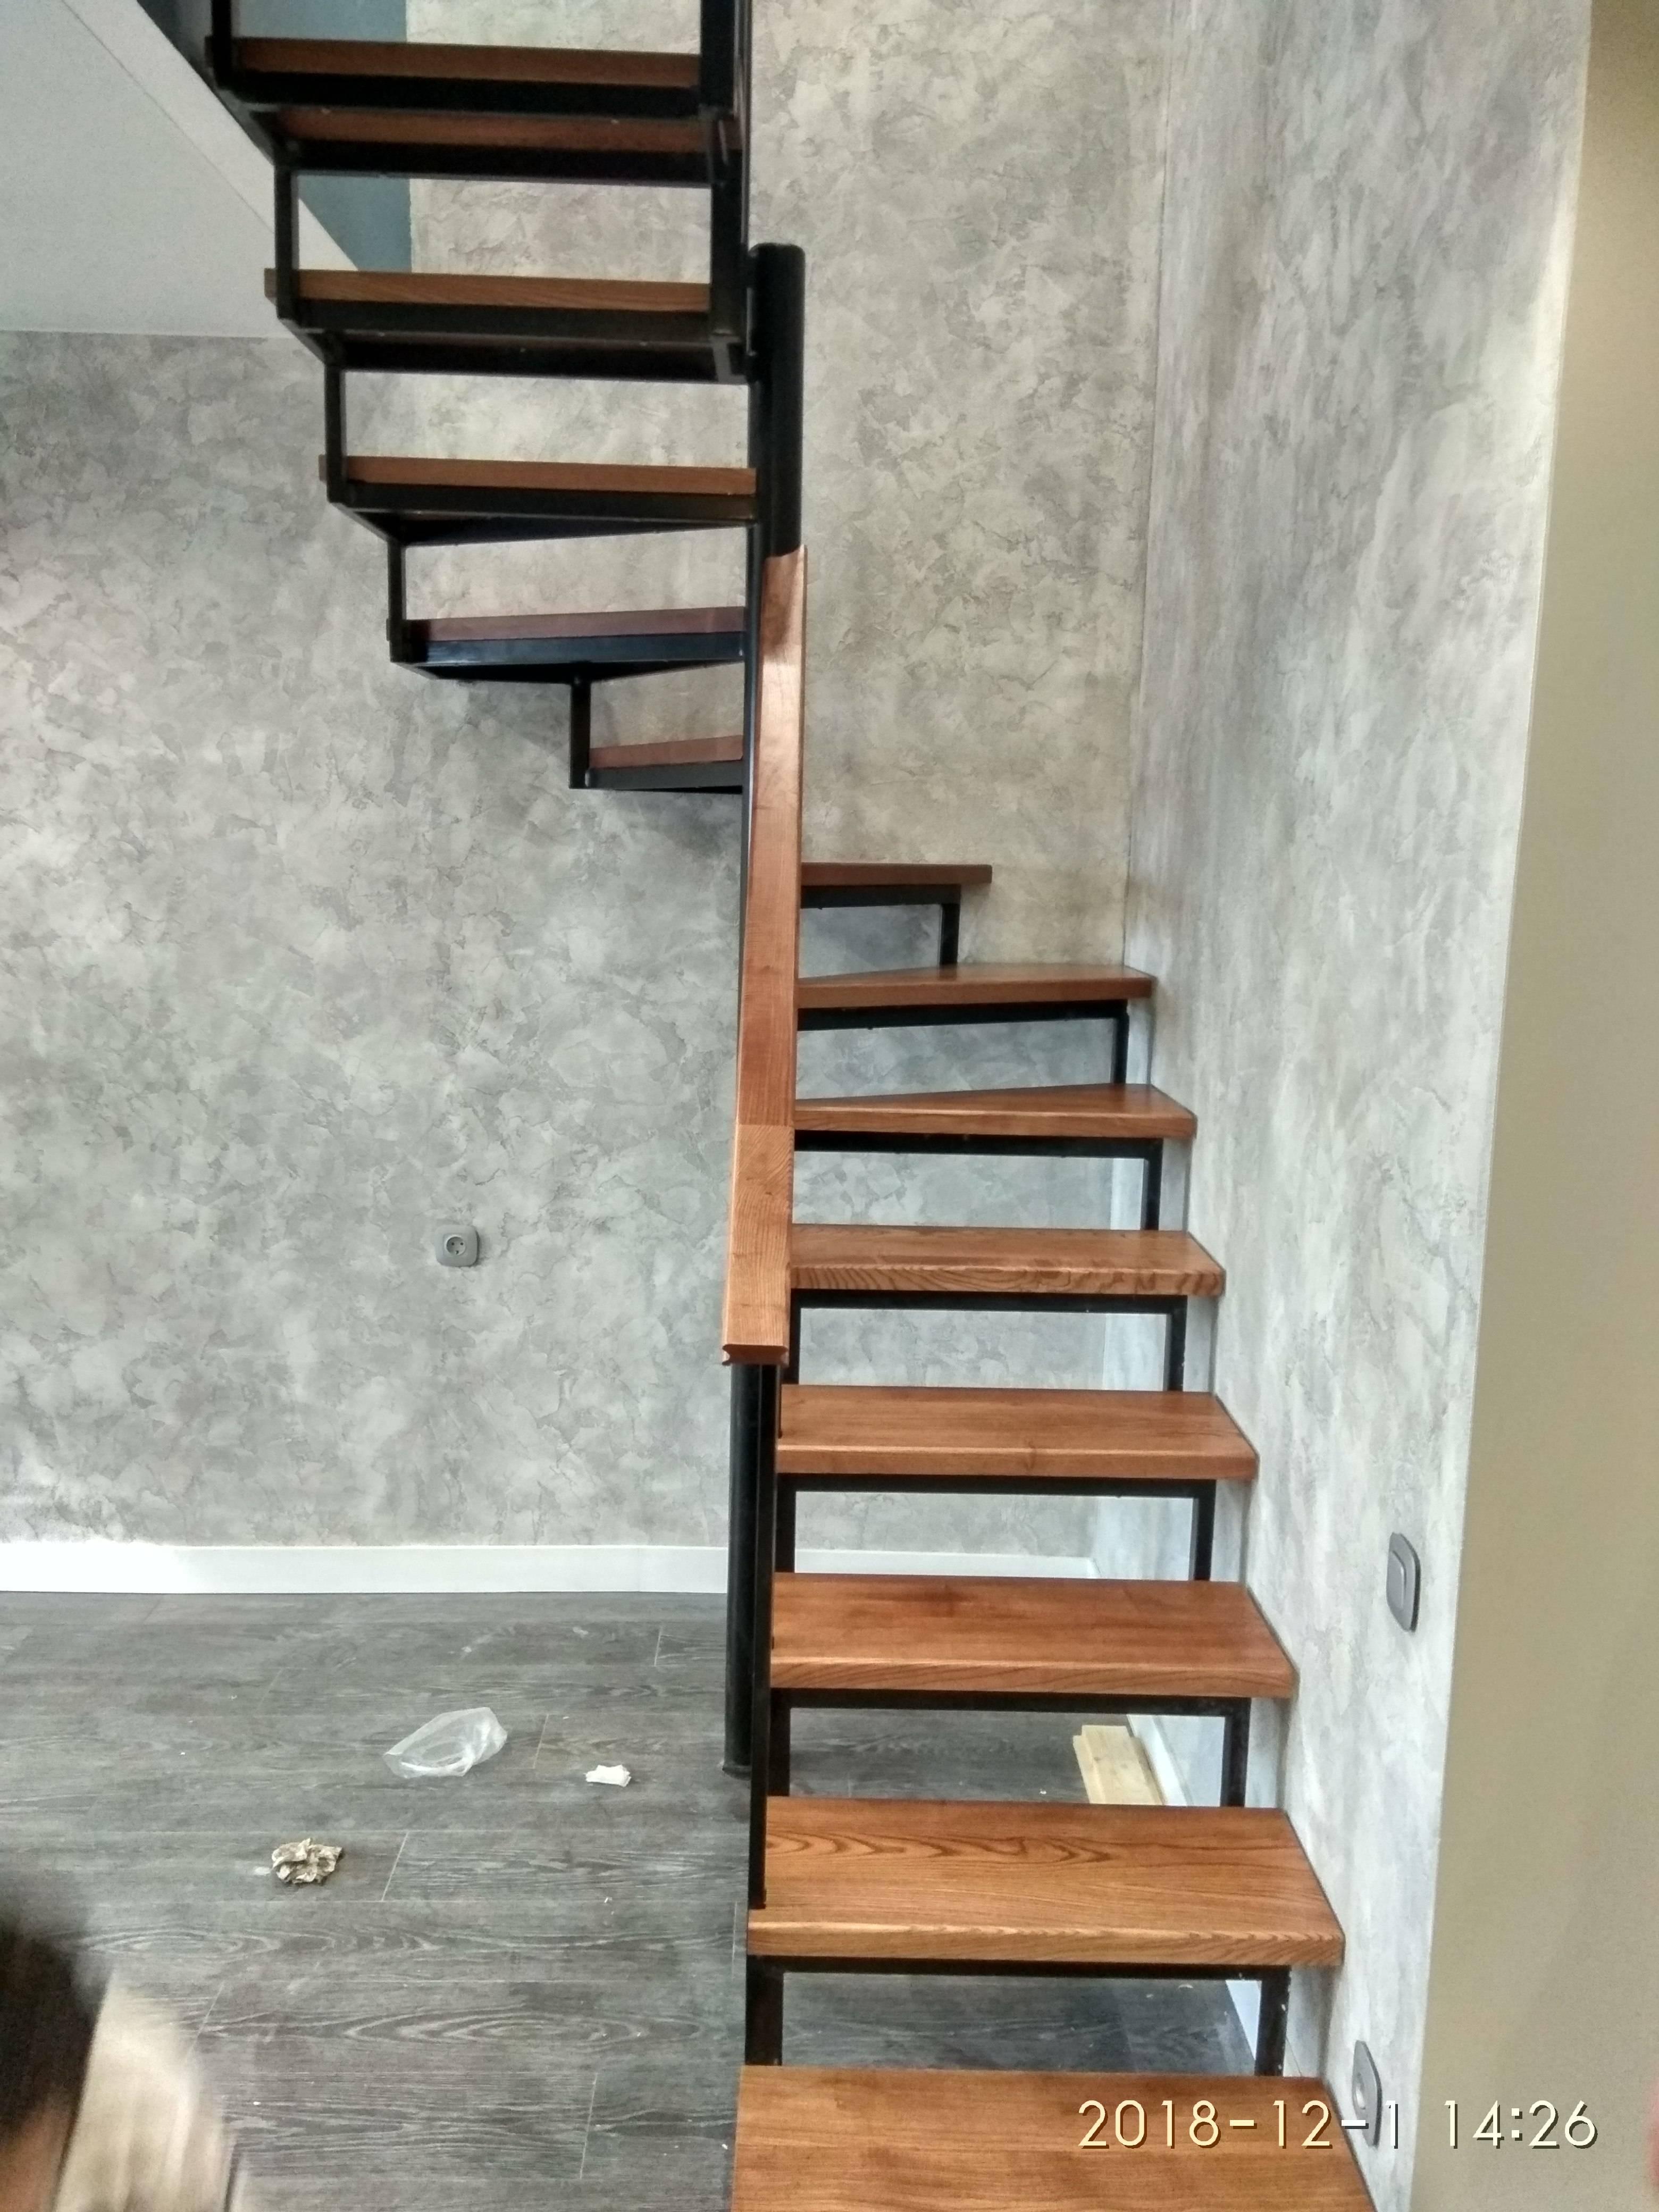 Обшивка металлической лестницы деревом - всё о лестницах